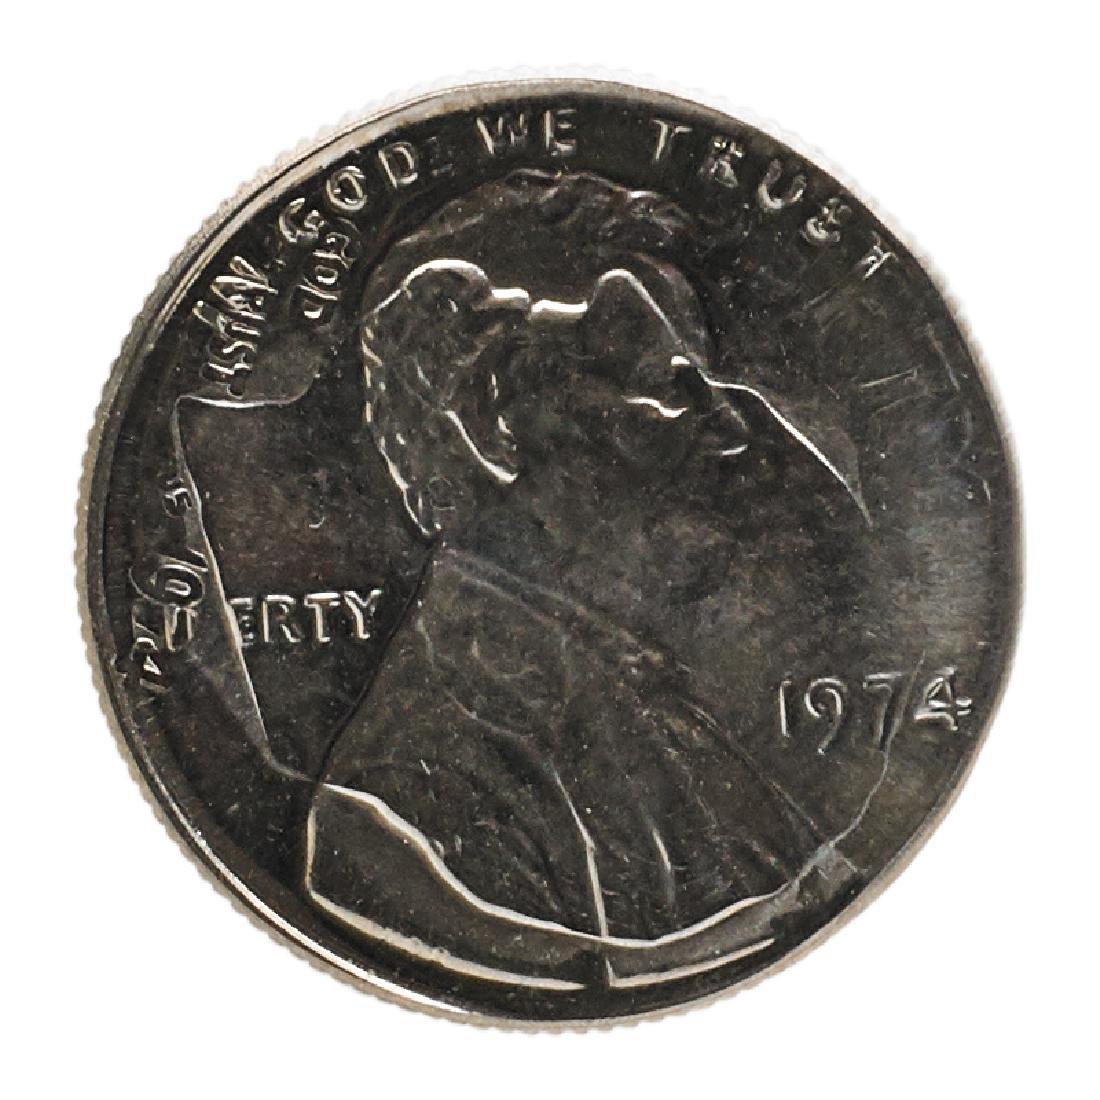 U.S. 1974 1C STRUCK ON 10C MINT ERROR COIN